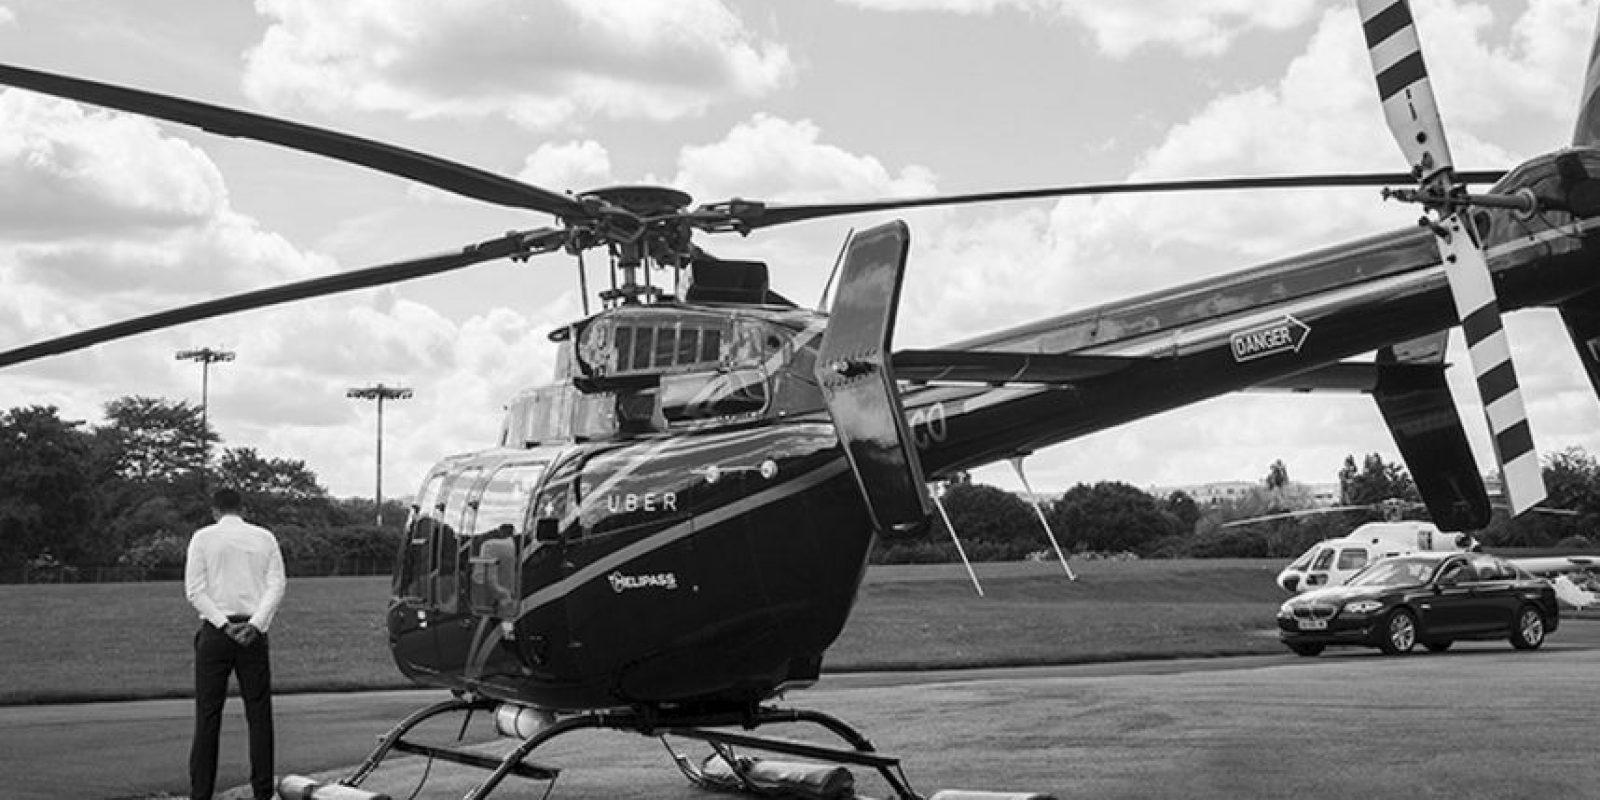 Funciona similar a los taxis, solamente que se utilizan helicópteros. El costo es de 160 euros por persona y hasta un máximo de cuatro pasajeros. Foto:twitter.com/UberFR